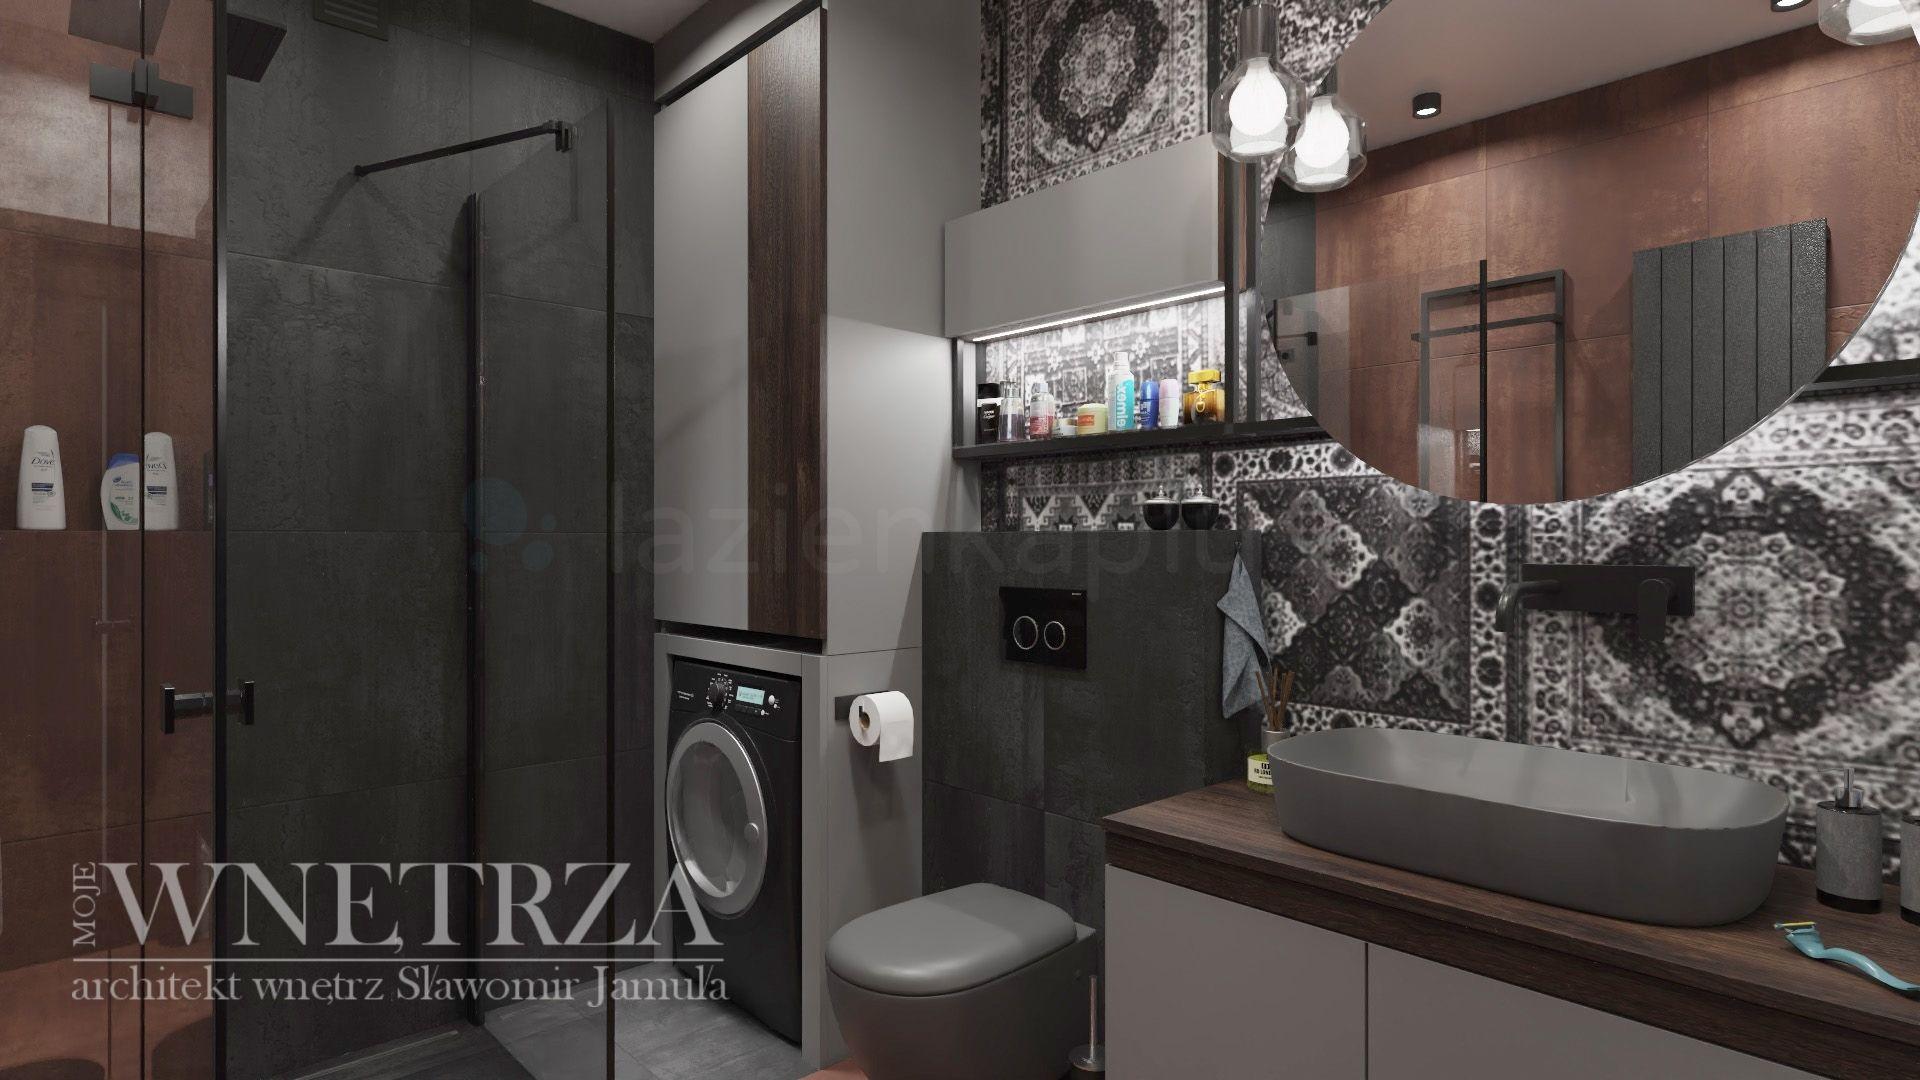 Mała łazienka  w ciemnych barwach z prysznicem